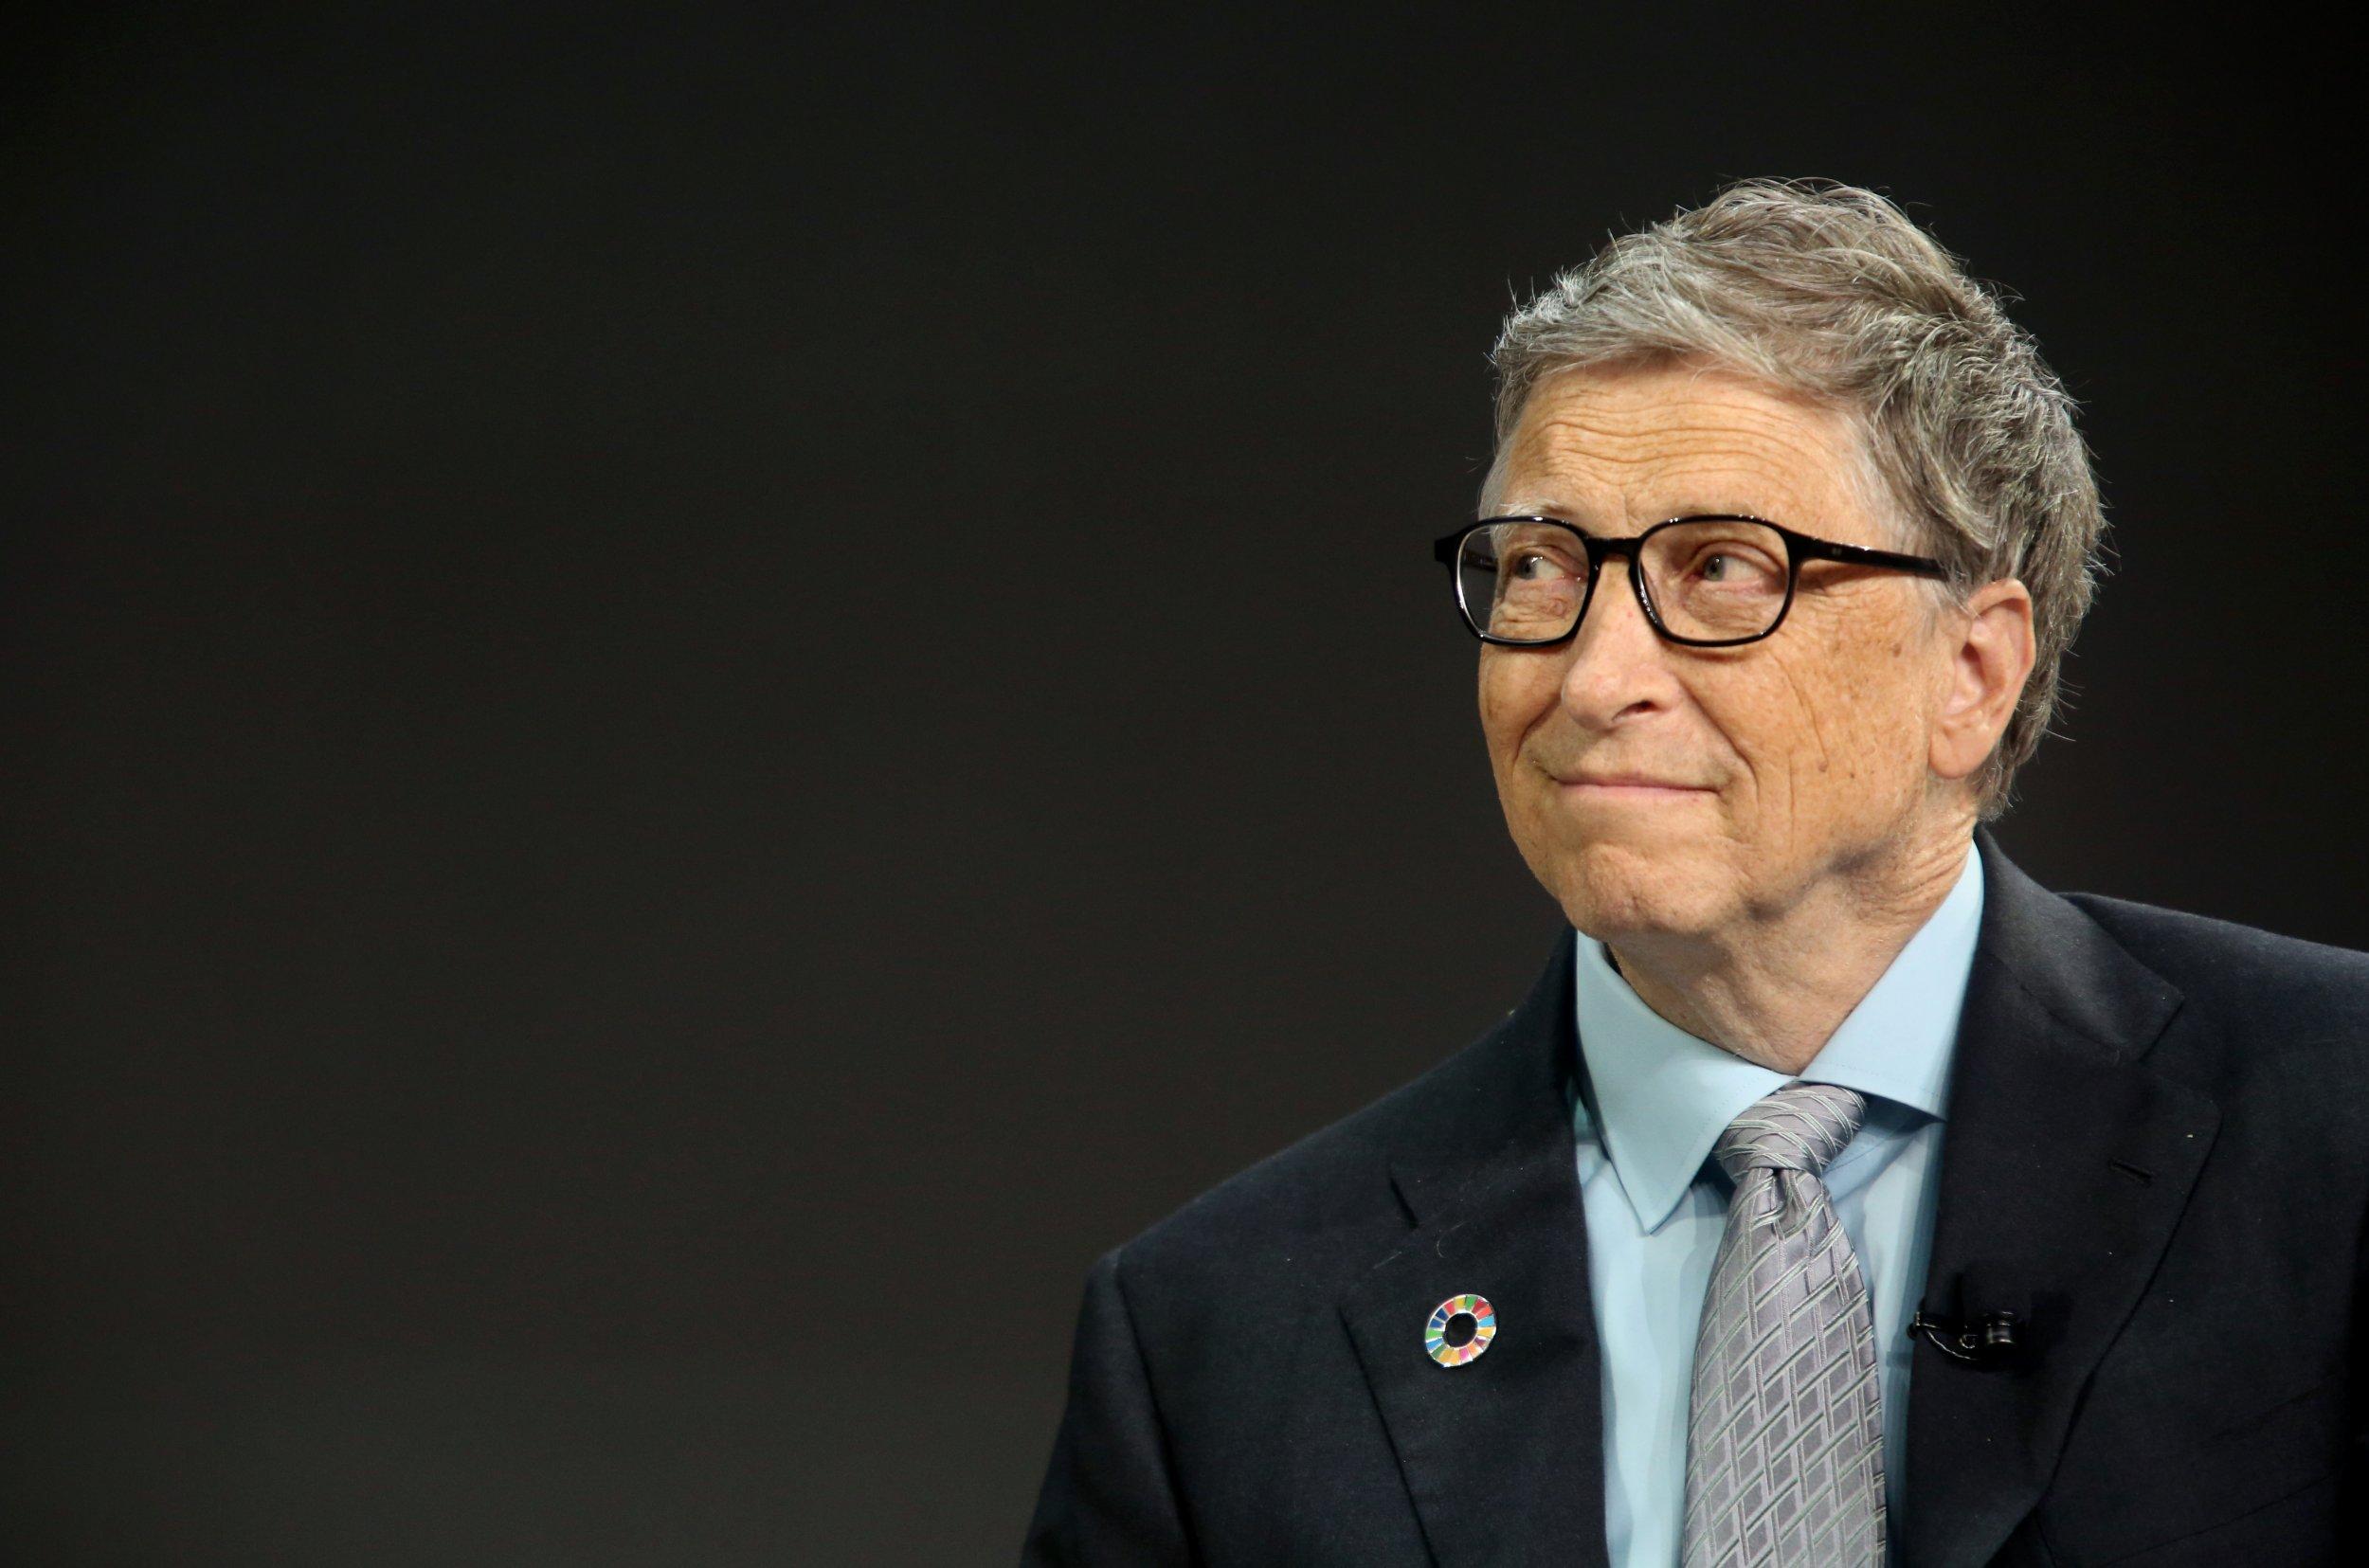 Bill Gates (Getty)